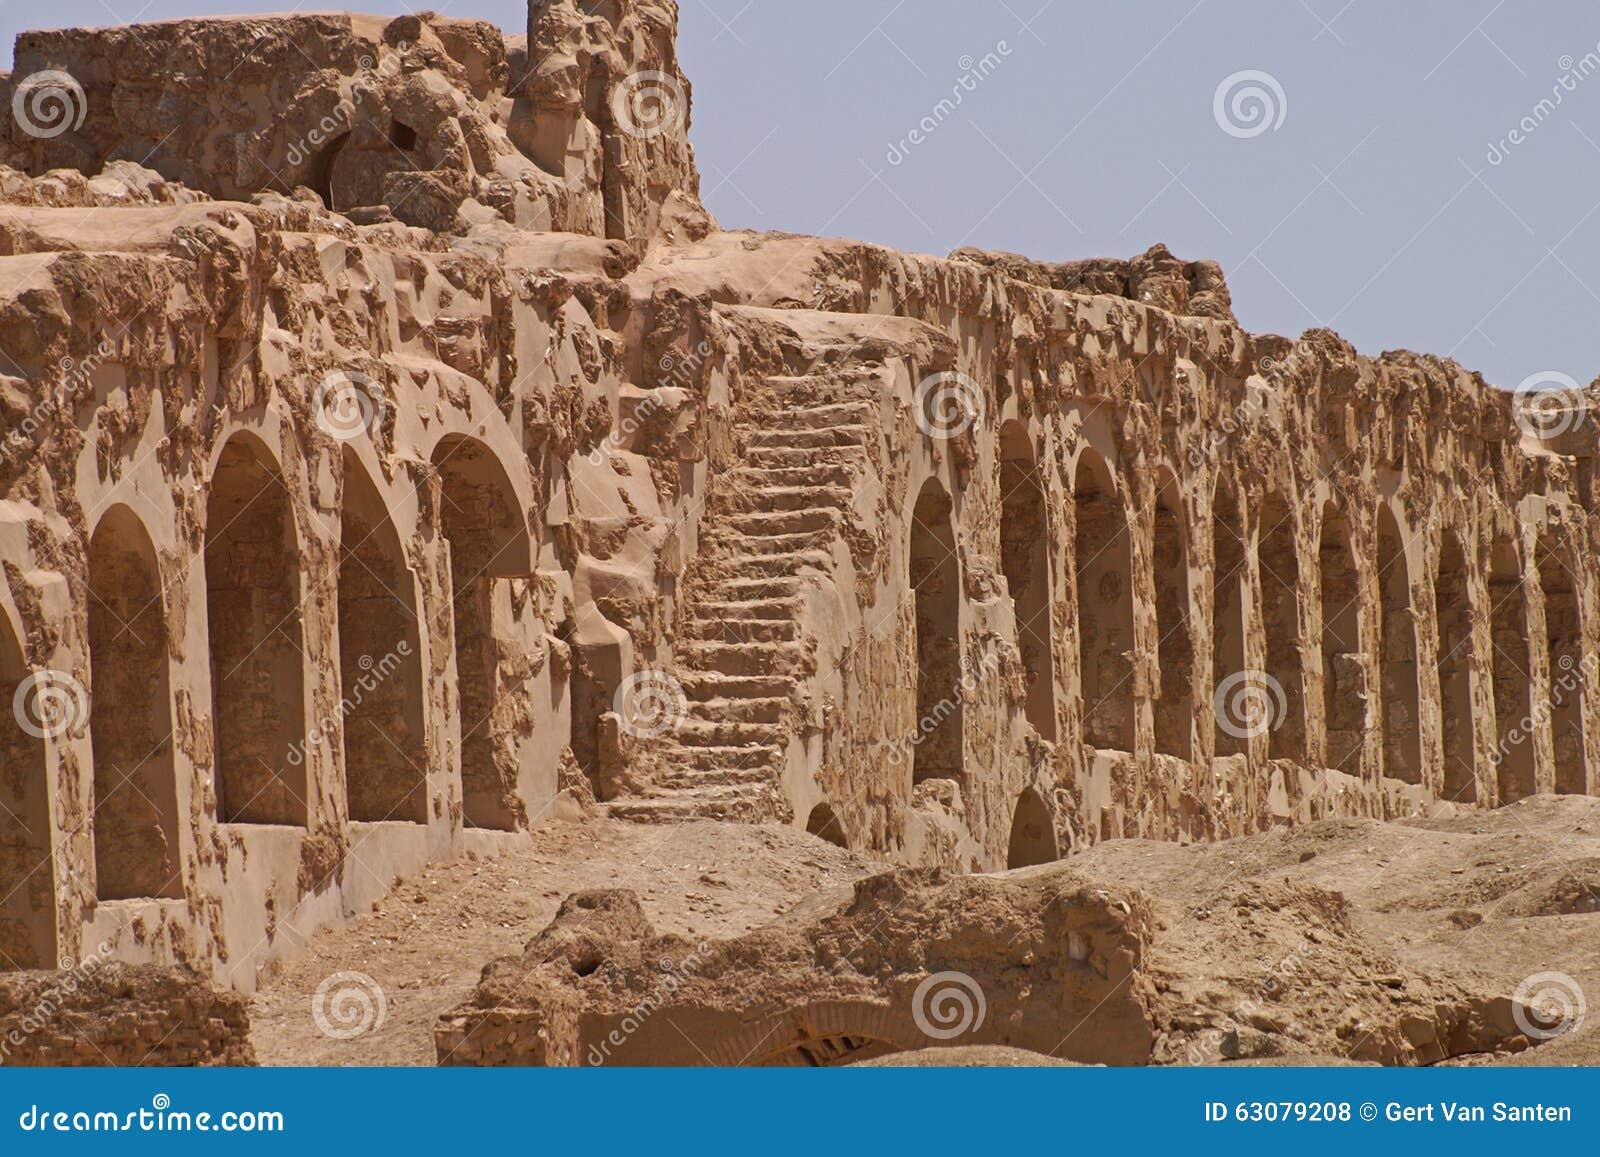 Download Ruines De Ville Antique Arrassafeh Près De Raqqa En Syrie Photo stock - Image du syrien, ruines: 63079208